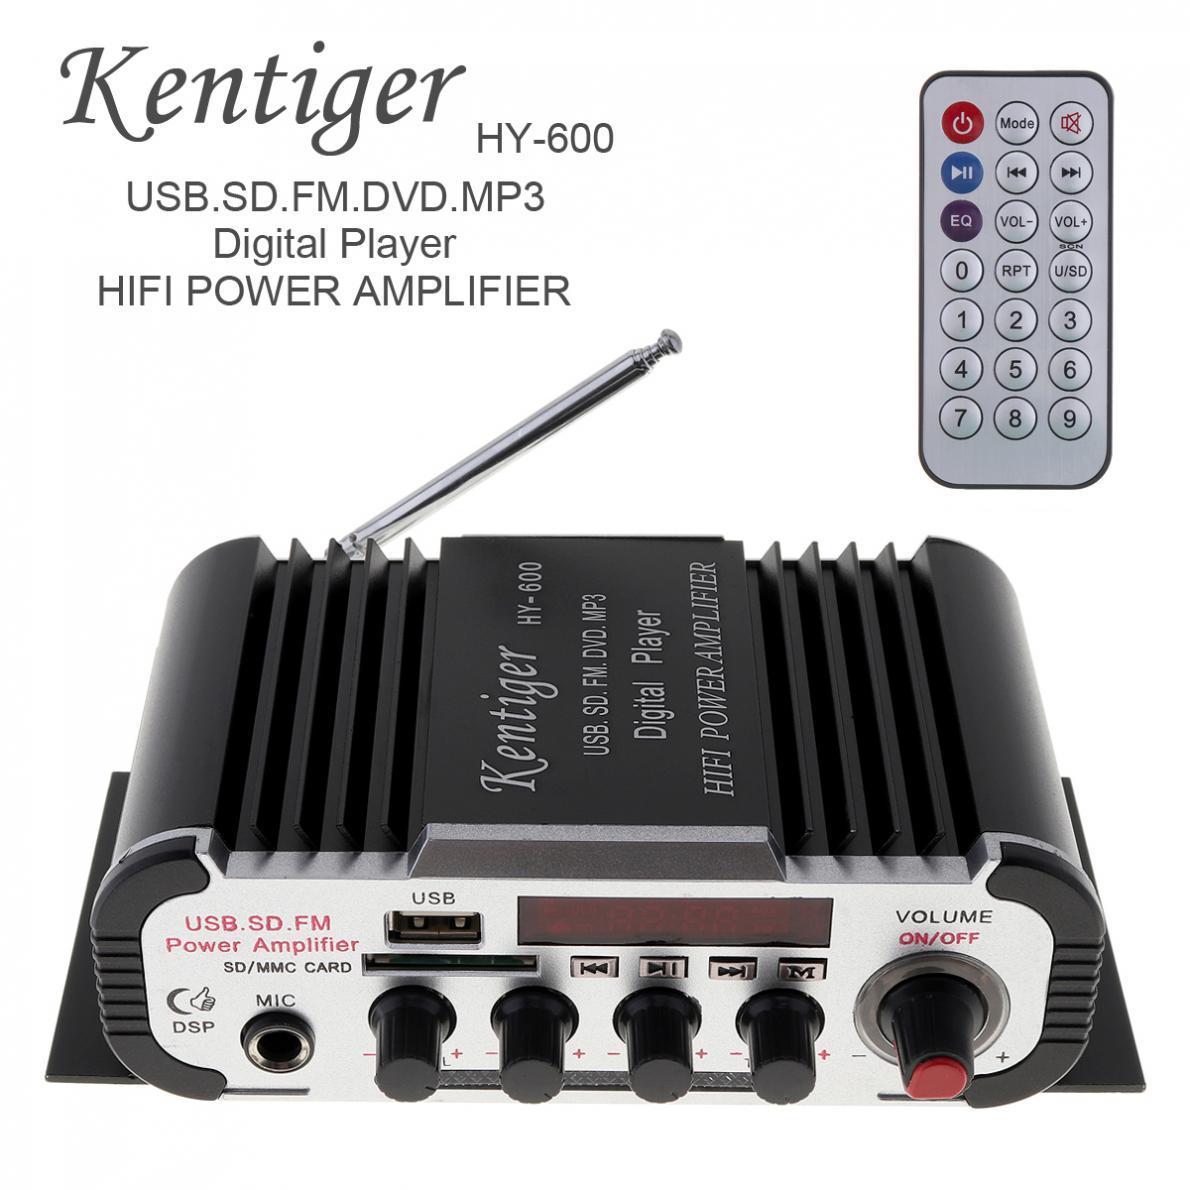 Mini Kentiger HY-600 FM di Controllo IR 20-20 khz 2 Canali FM MP3 USB HiFi Stereo Amplificatore di Potenza Digitale disc di sostegno U scheda SD/MMC